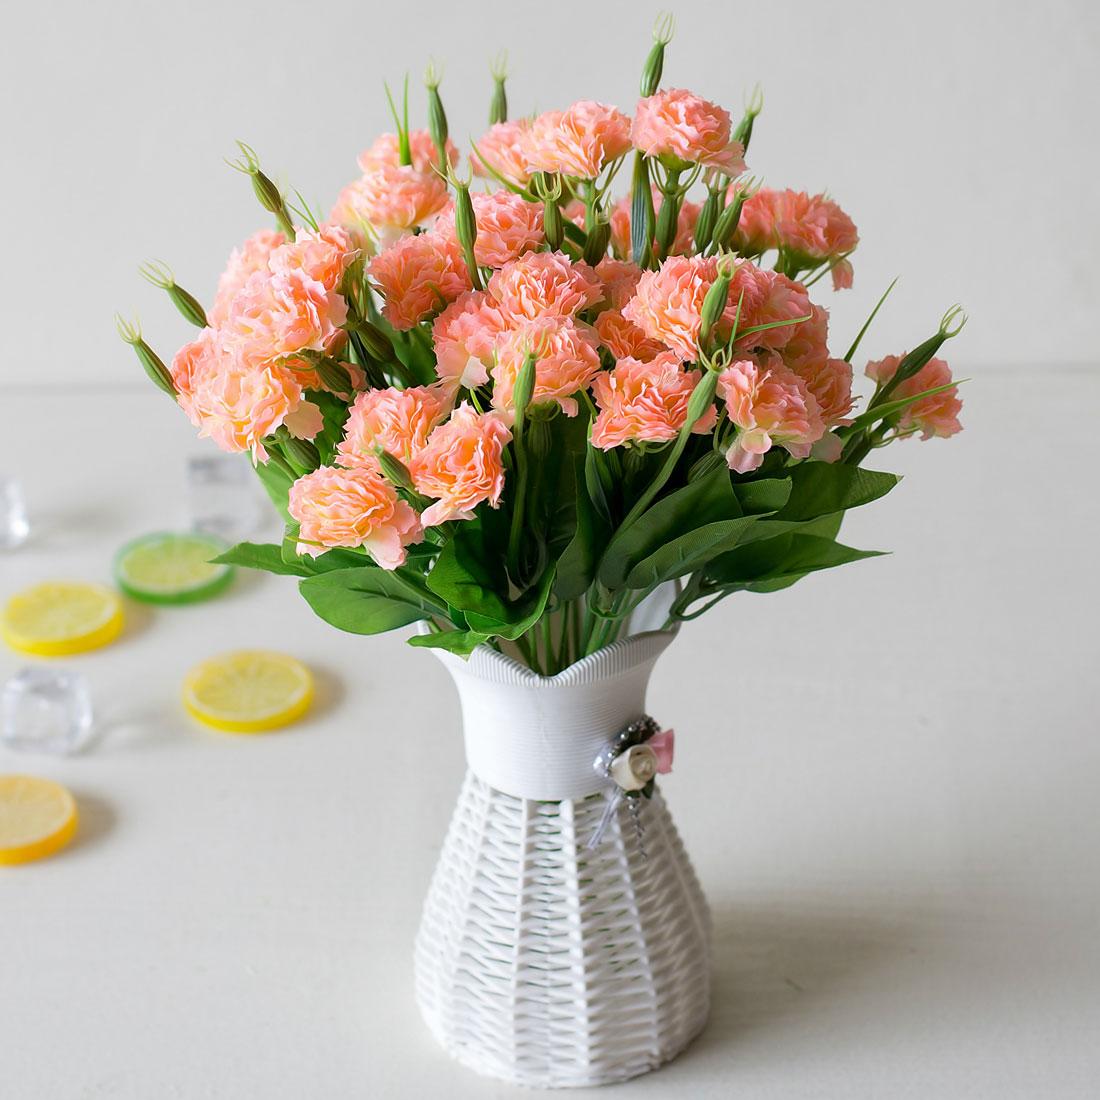 10 Heads 1 Bouquet Artificial Flowers Cheap Carnations Silk